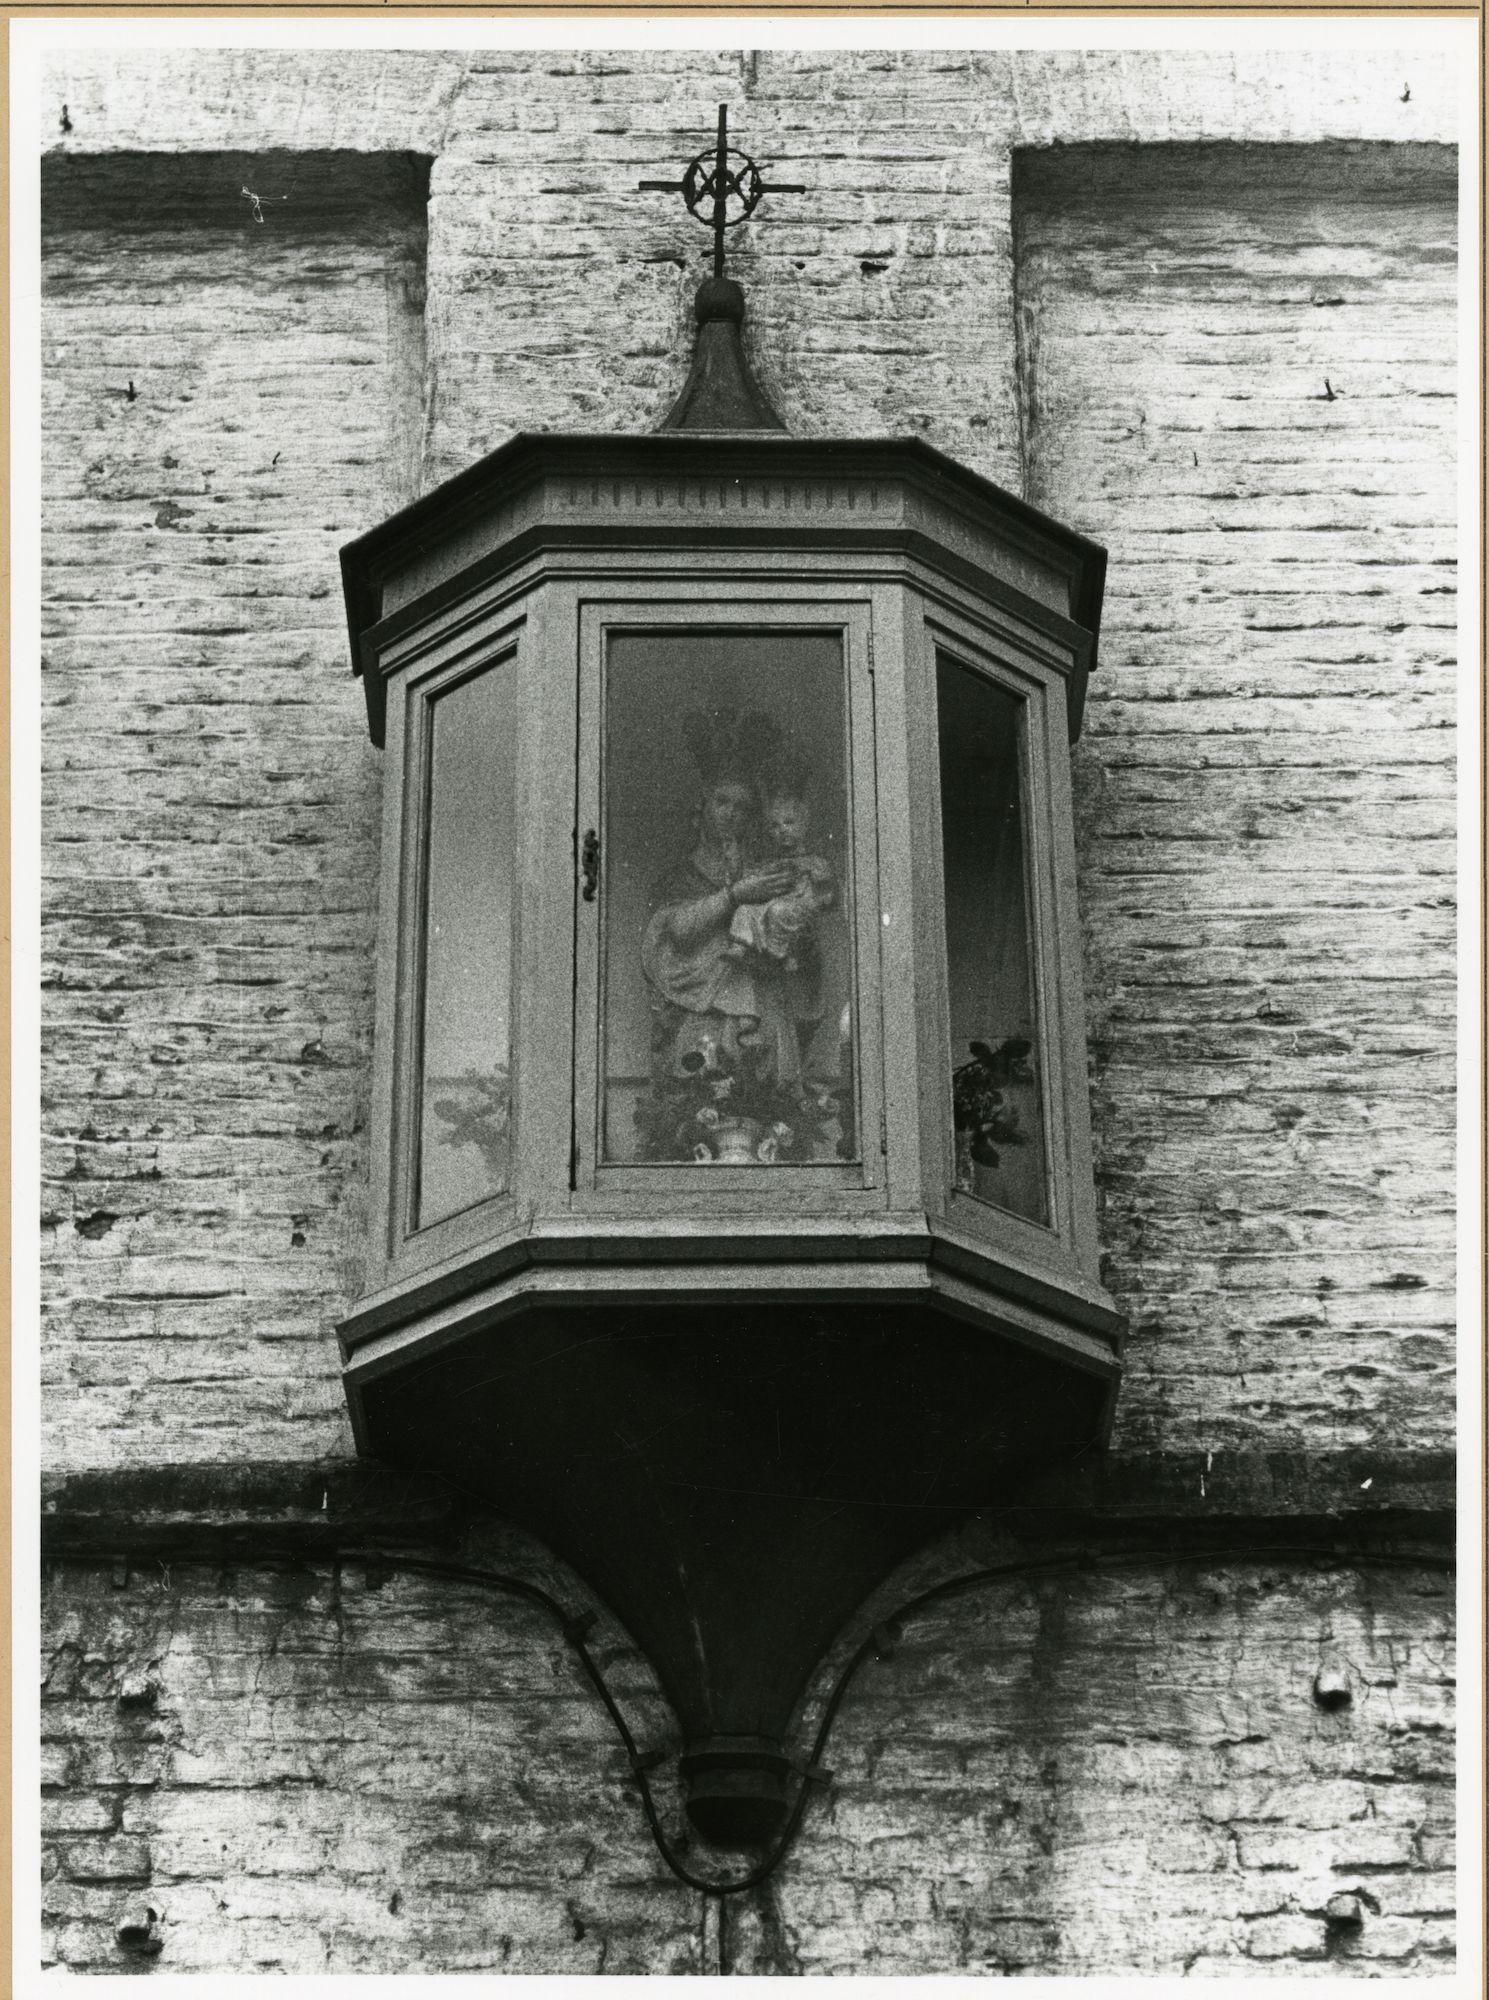 Gent: Doornsteeg 38: gevelkapel: Maria met kind